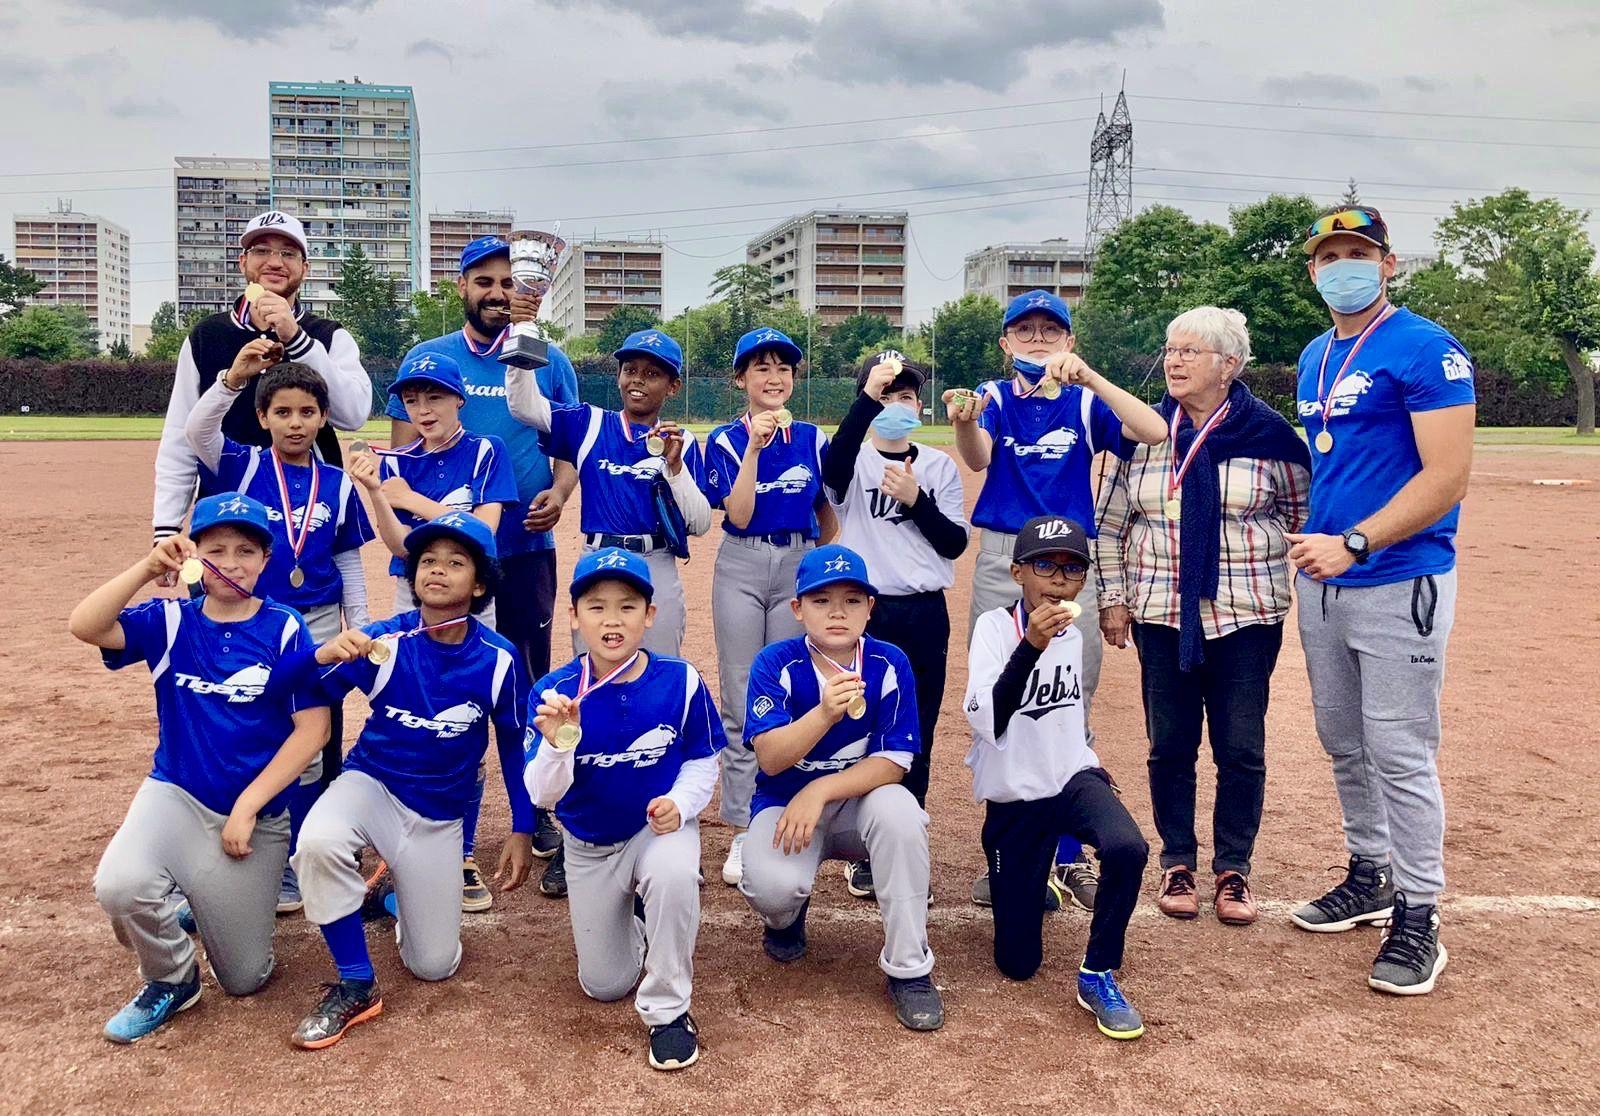 U12 et U15 - Les Web's et Tigers sont champions